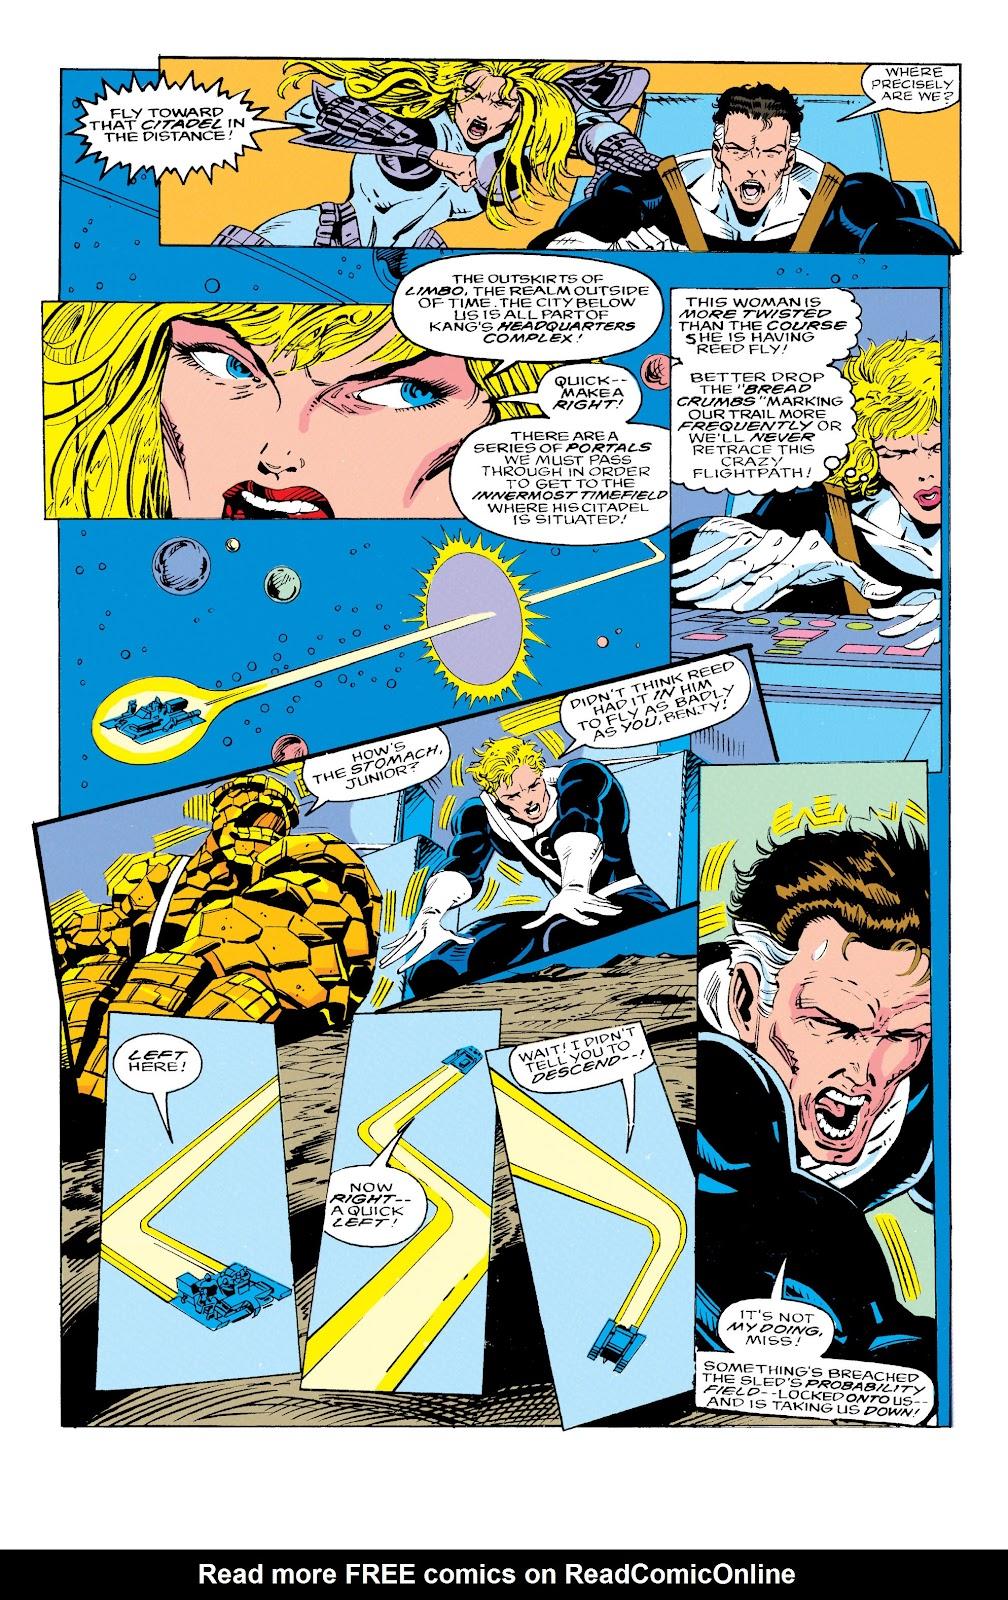 Read online Avengers: Citizen Kang comic -  Issue # TPB (Part 2) - 27